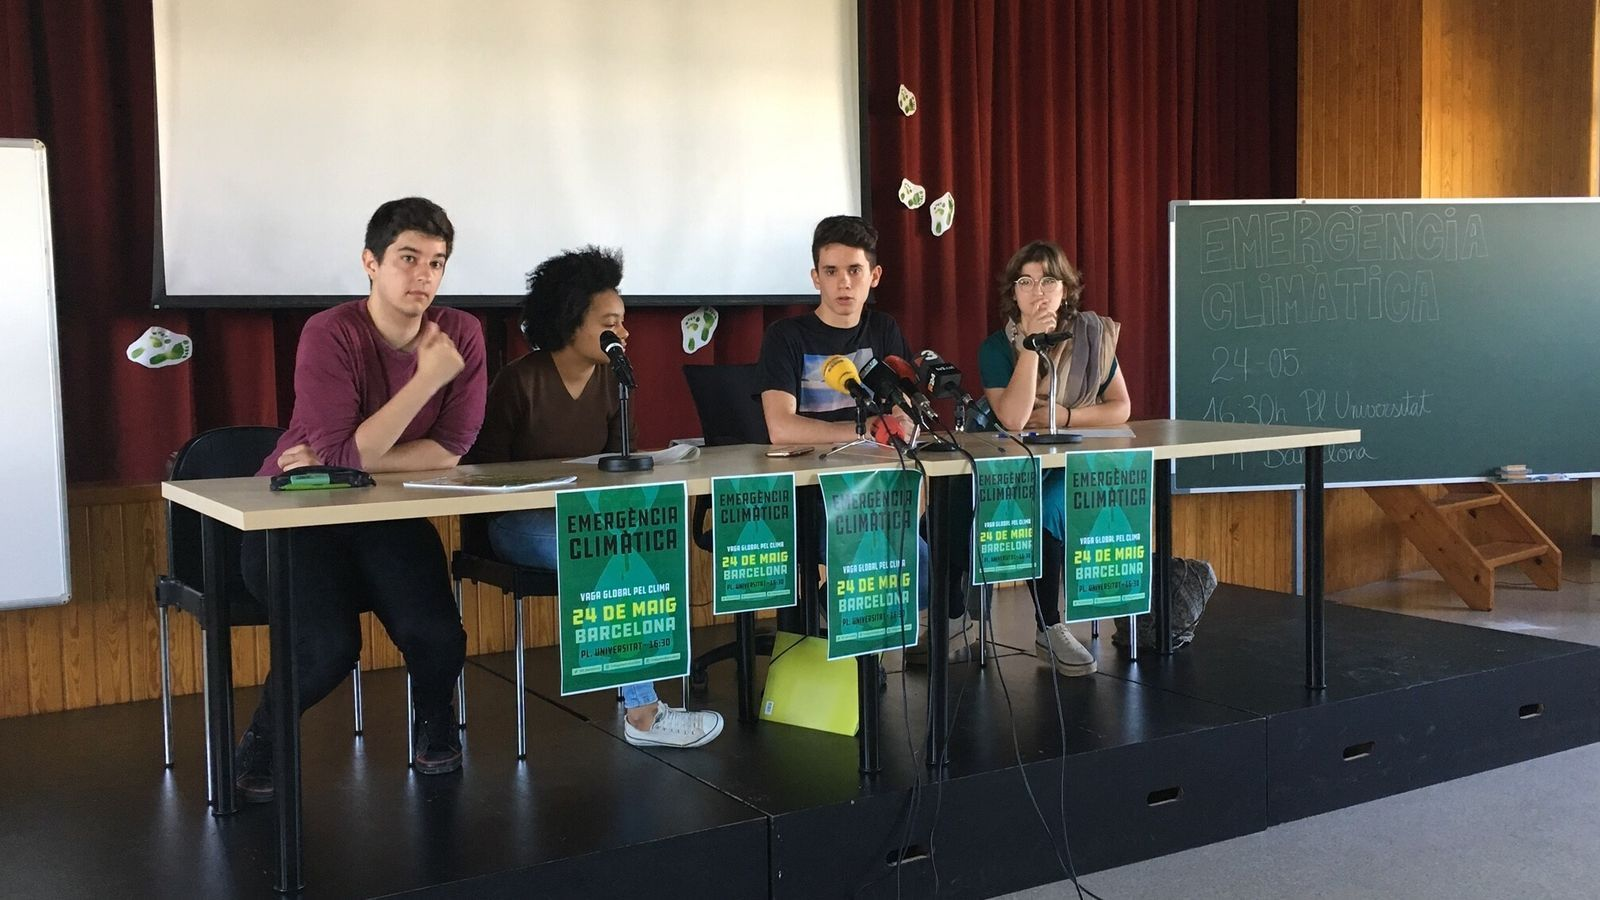 Membres de Fridays For Climate han anunciat una nova vaga i mobilització el dia 24 de maig